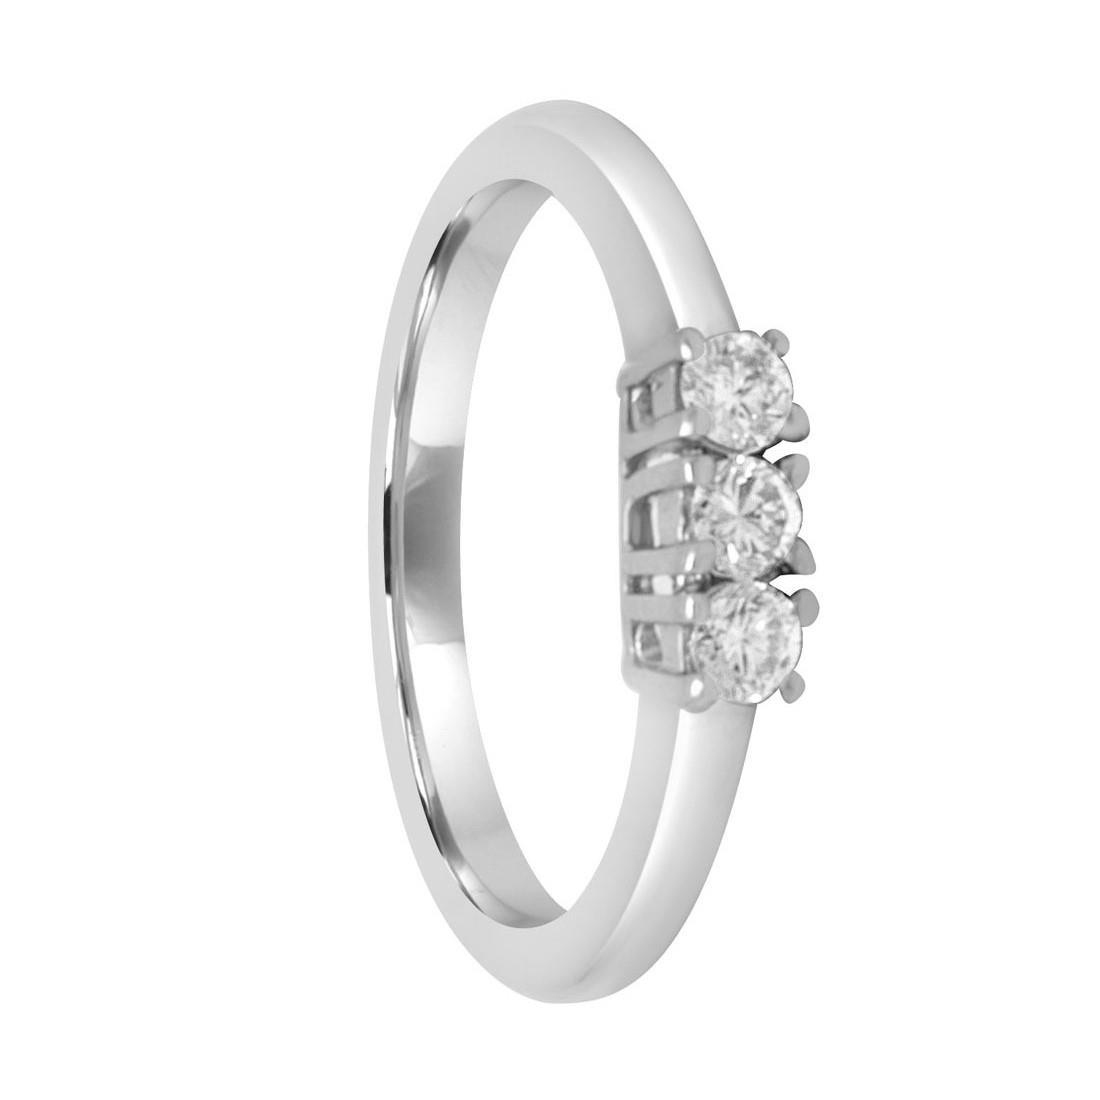 Anello Oro& Co in oro bianco con diamanti trilogy ct 0,24 - ORO&CO